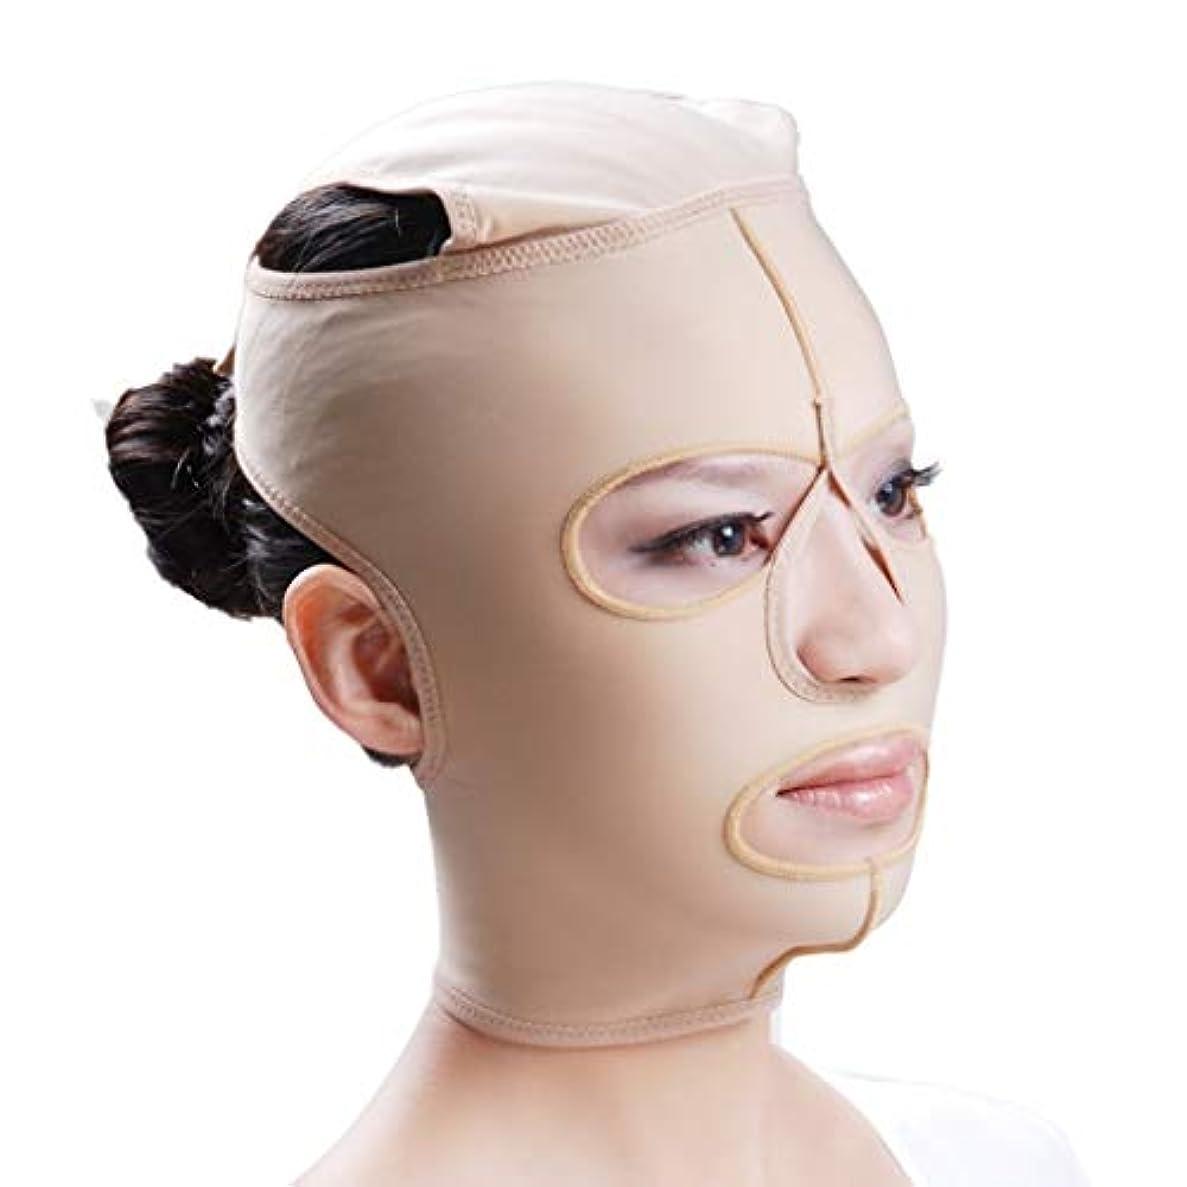 軍隊ホールドオールラフ睡眠フェイスリフトマスク、フルフェイスマスク後の顔の脂肪吸引医療グレードの圧力顔ダブルチンプラスチック脂肪吸引弾性包帯ヘッドギアマルチコードオプション (Size : S)